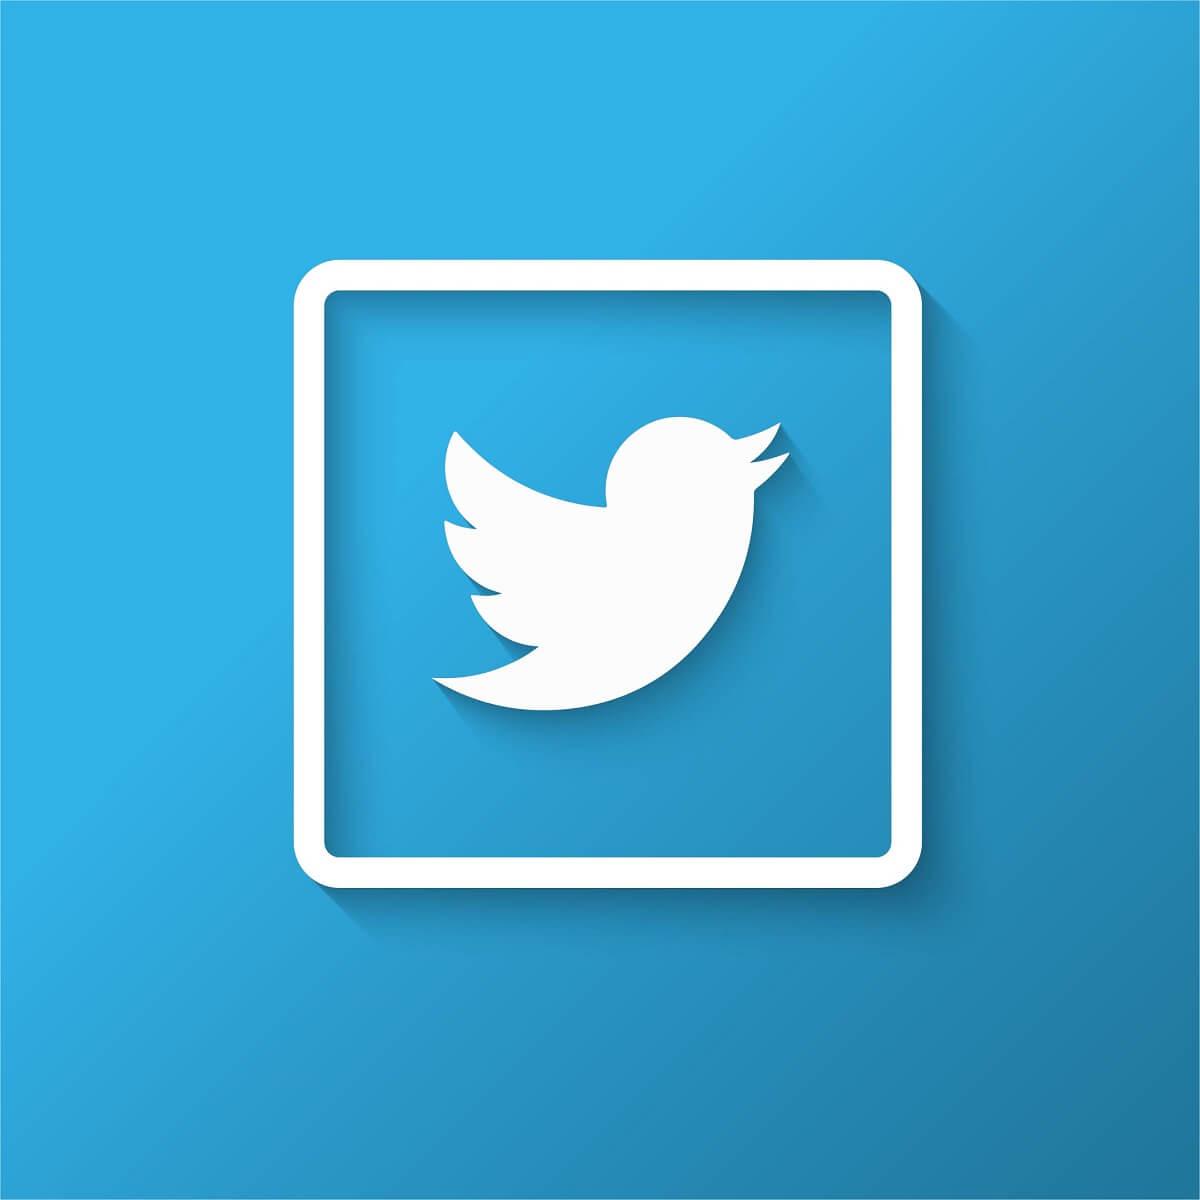 Twitterのロゴの画像。